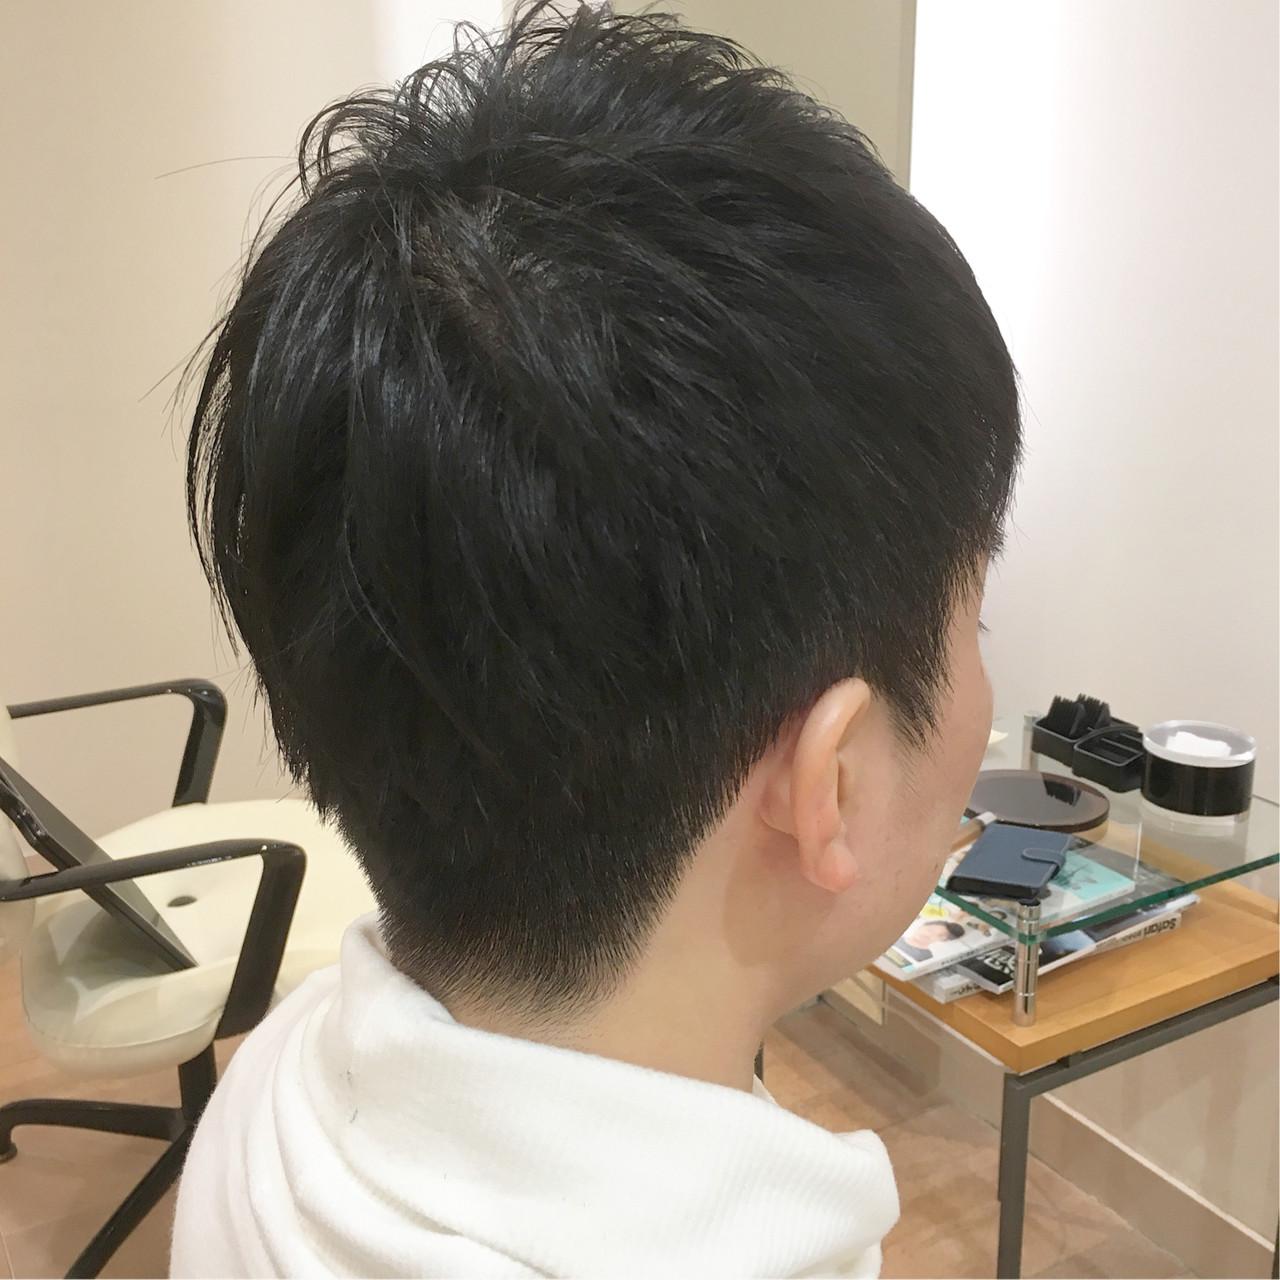 刈り上げ ナチュラル メンズ メンズカット ヘアスタイルや髪型の写真・画像 | 平本 詠一 / fabris